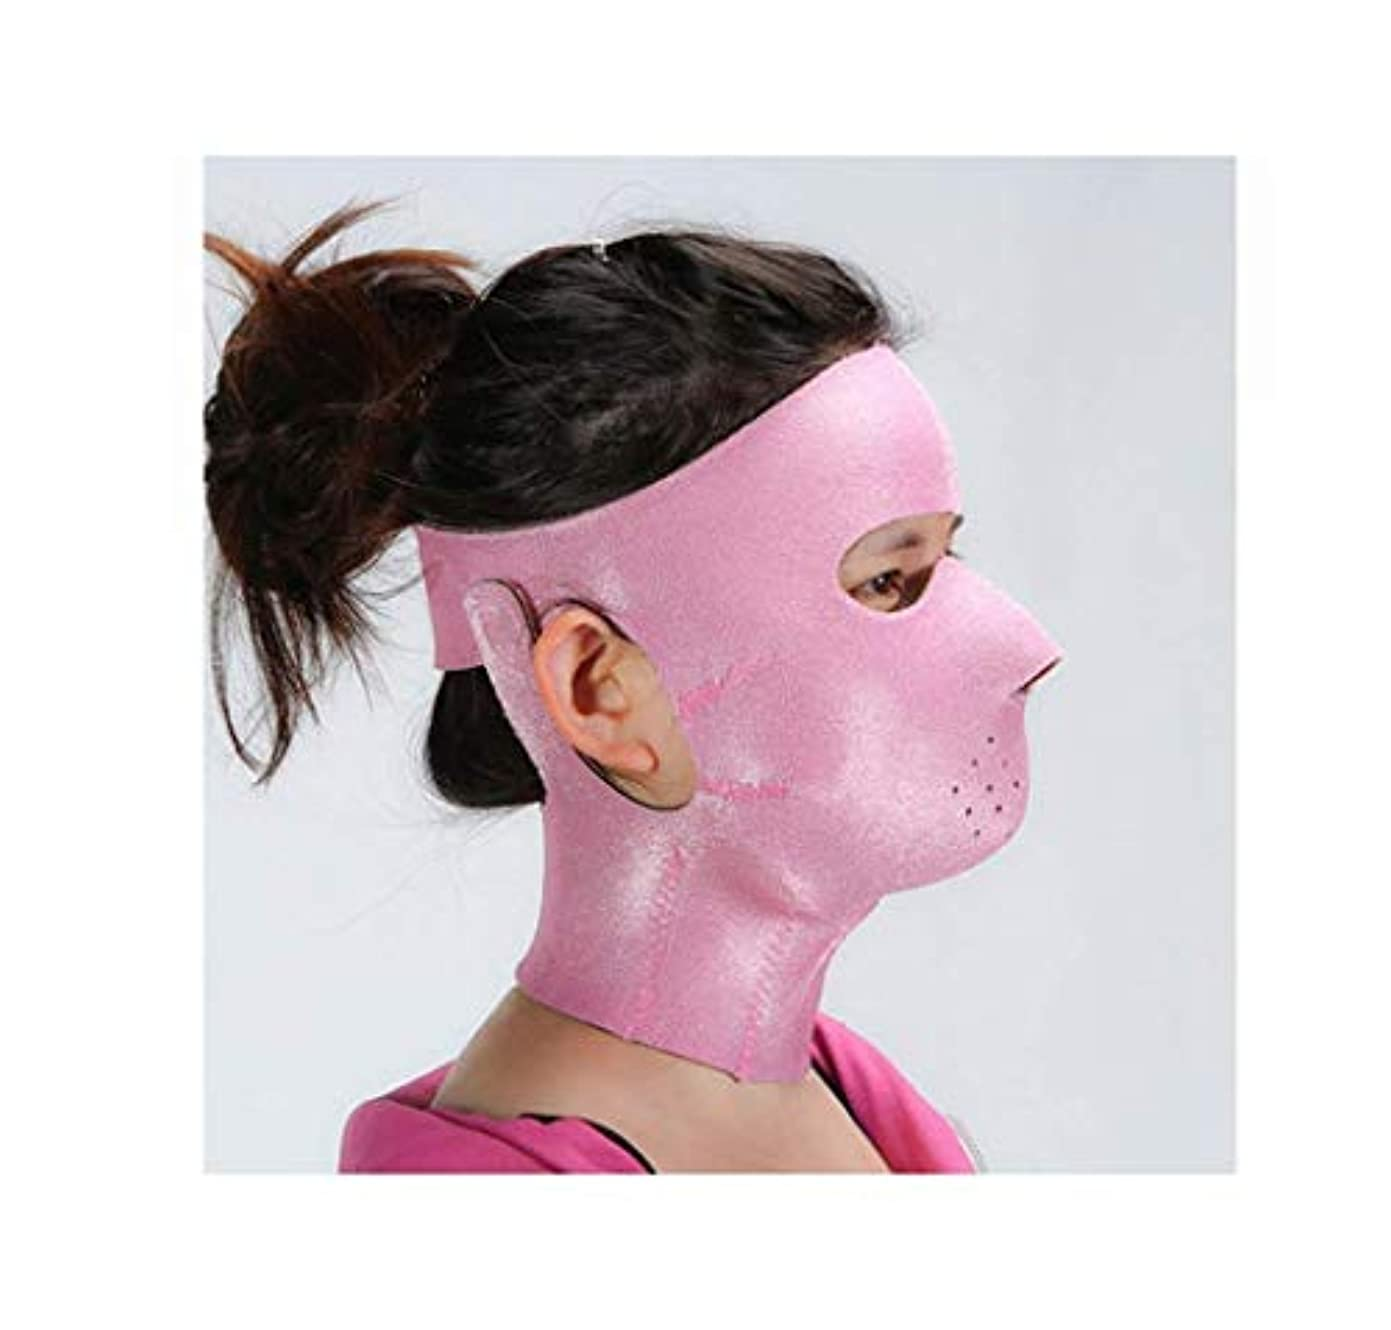 やさしく評判限定フェイスリフトマスク、フェイシャルマスクプラス薄いフェイスマスクタイトなたるみの薄いフェイスマスクフェイシャル薄いフェイスマスクアーティファクトビューティーネックストラップ付き